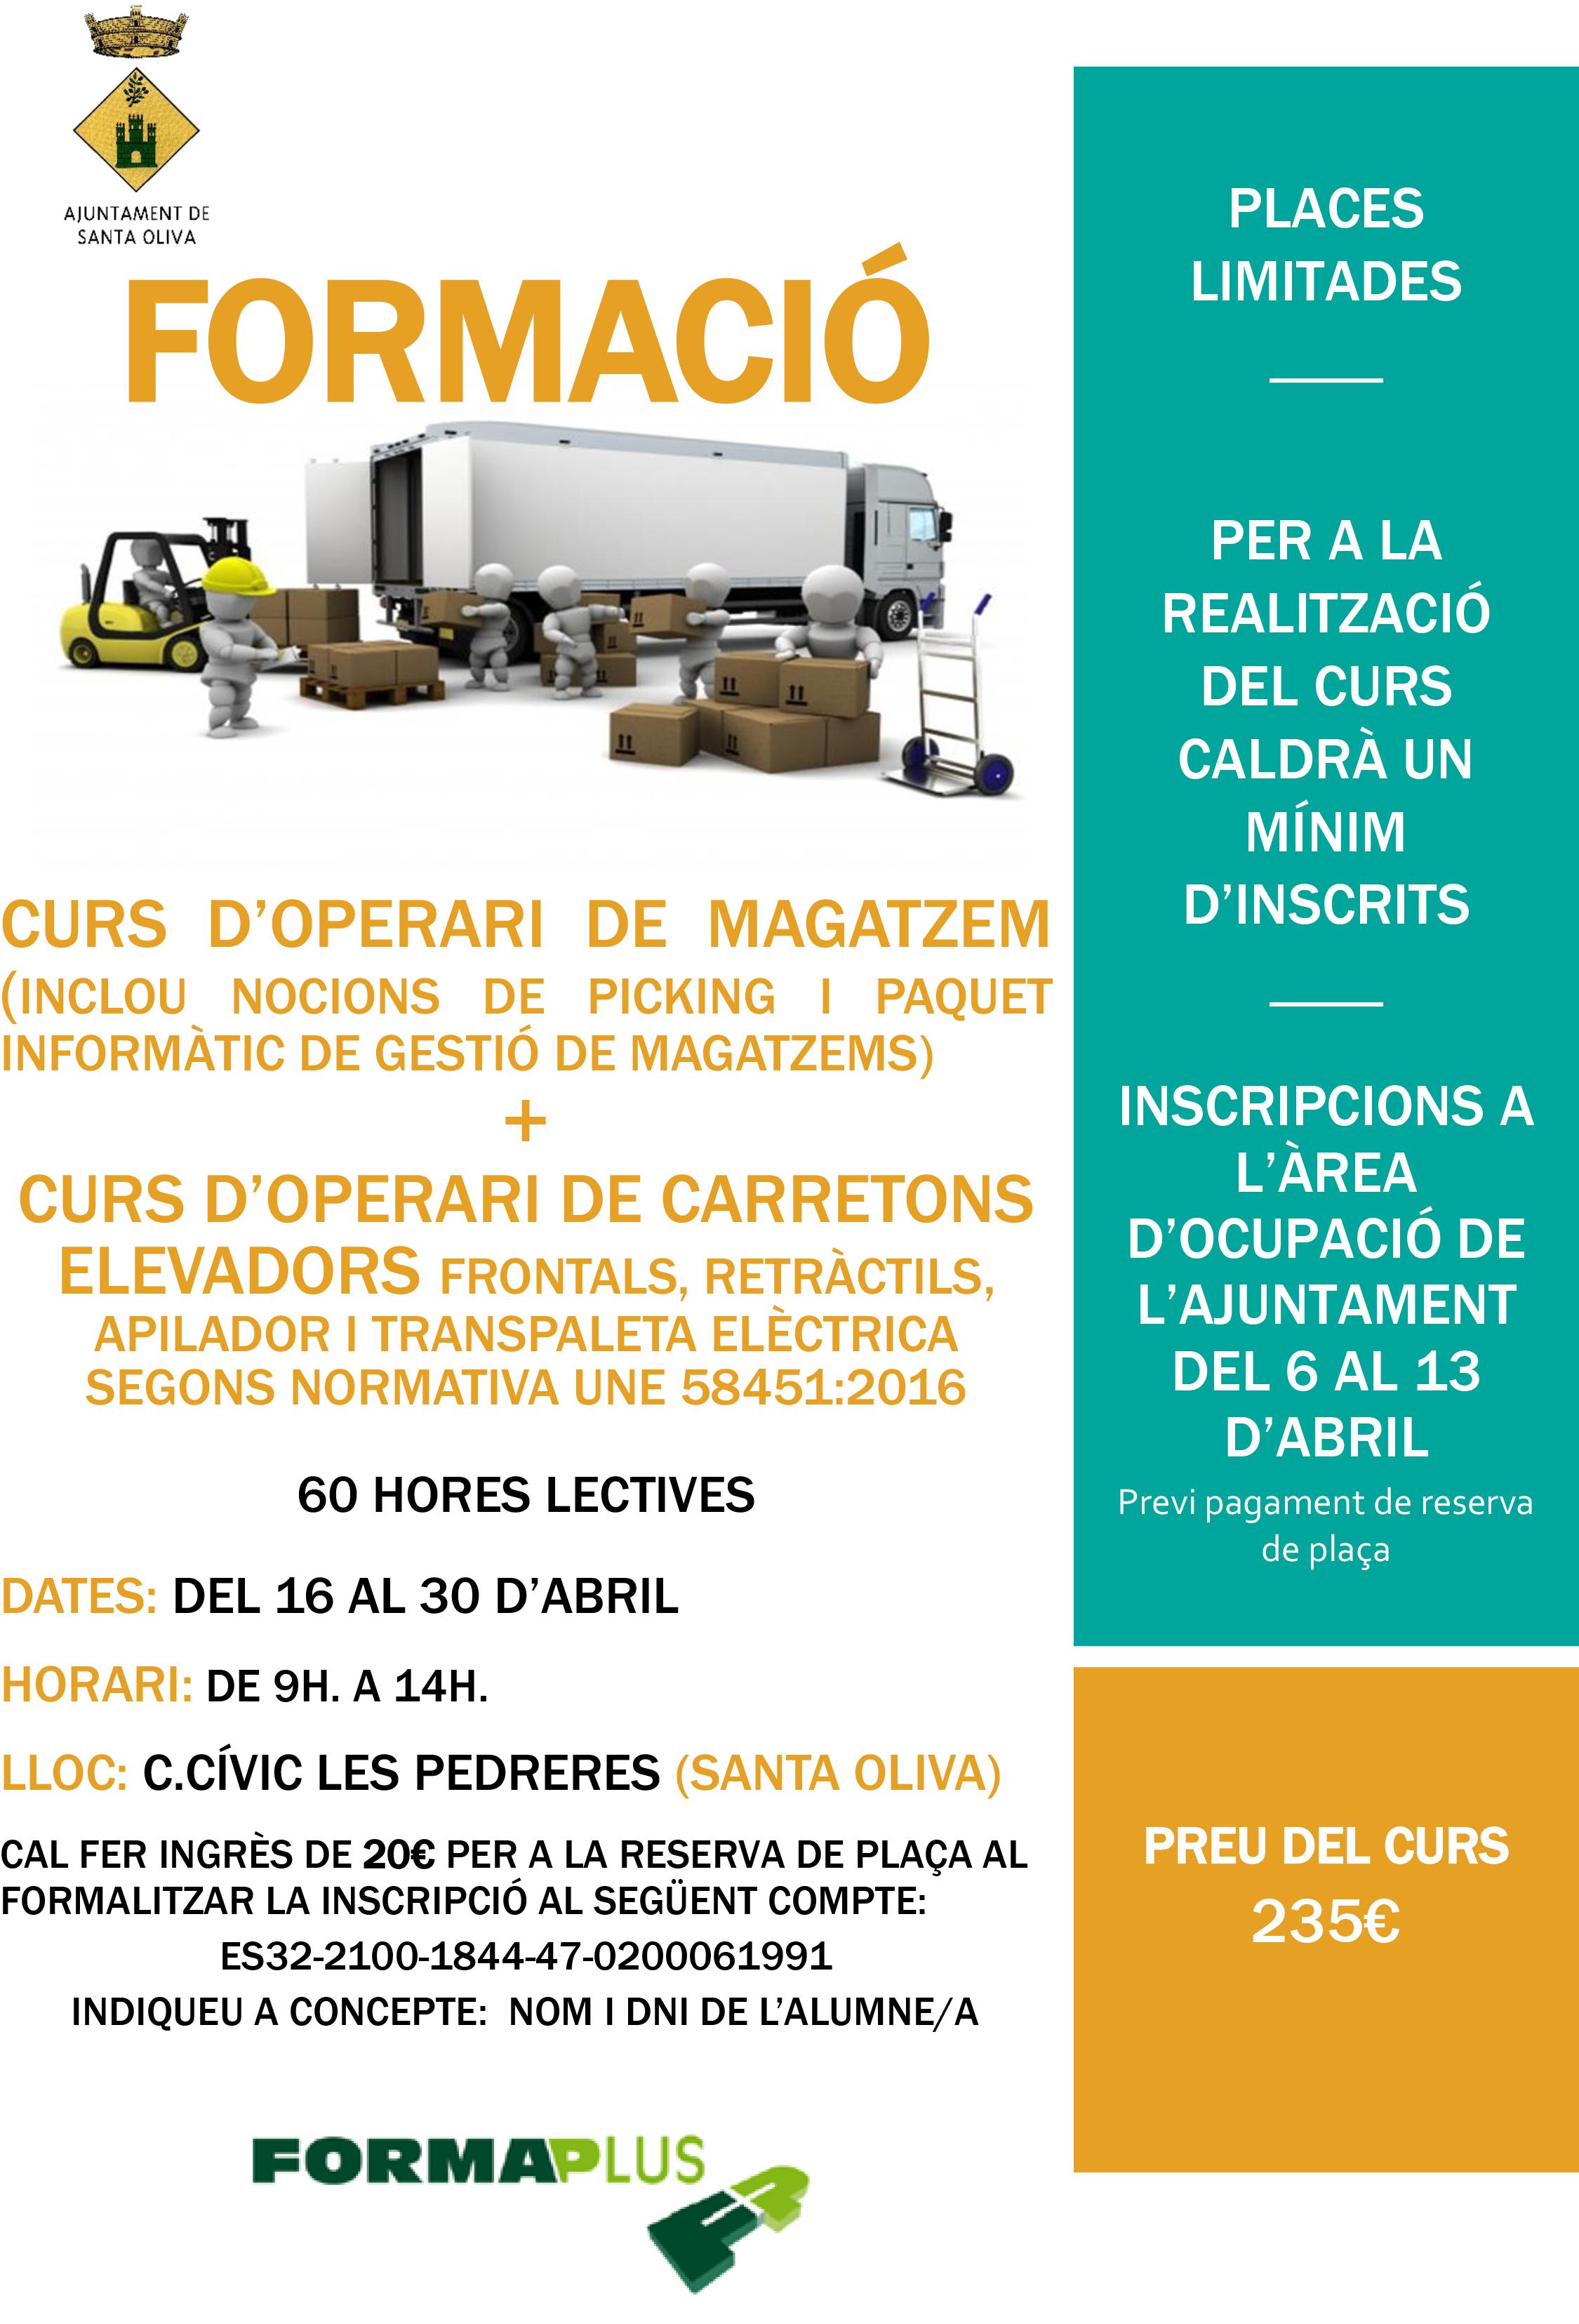 Formació: Curs d'operari de magatzem i curs d'operari de carretons elevadors a Santa Oliva